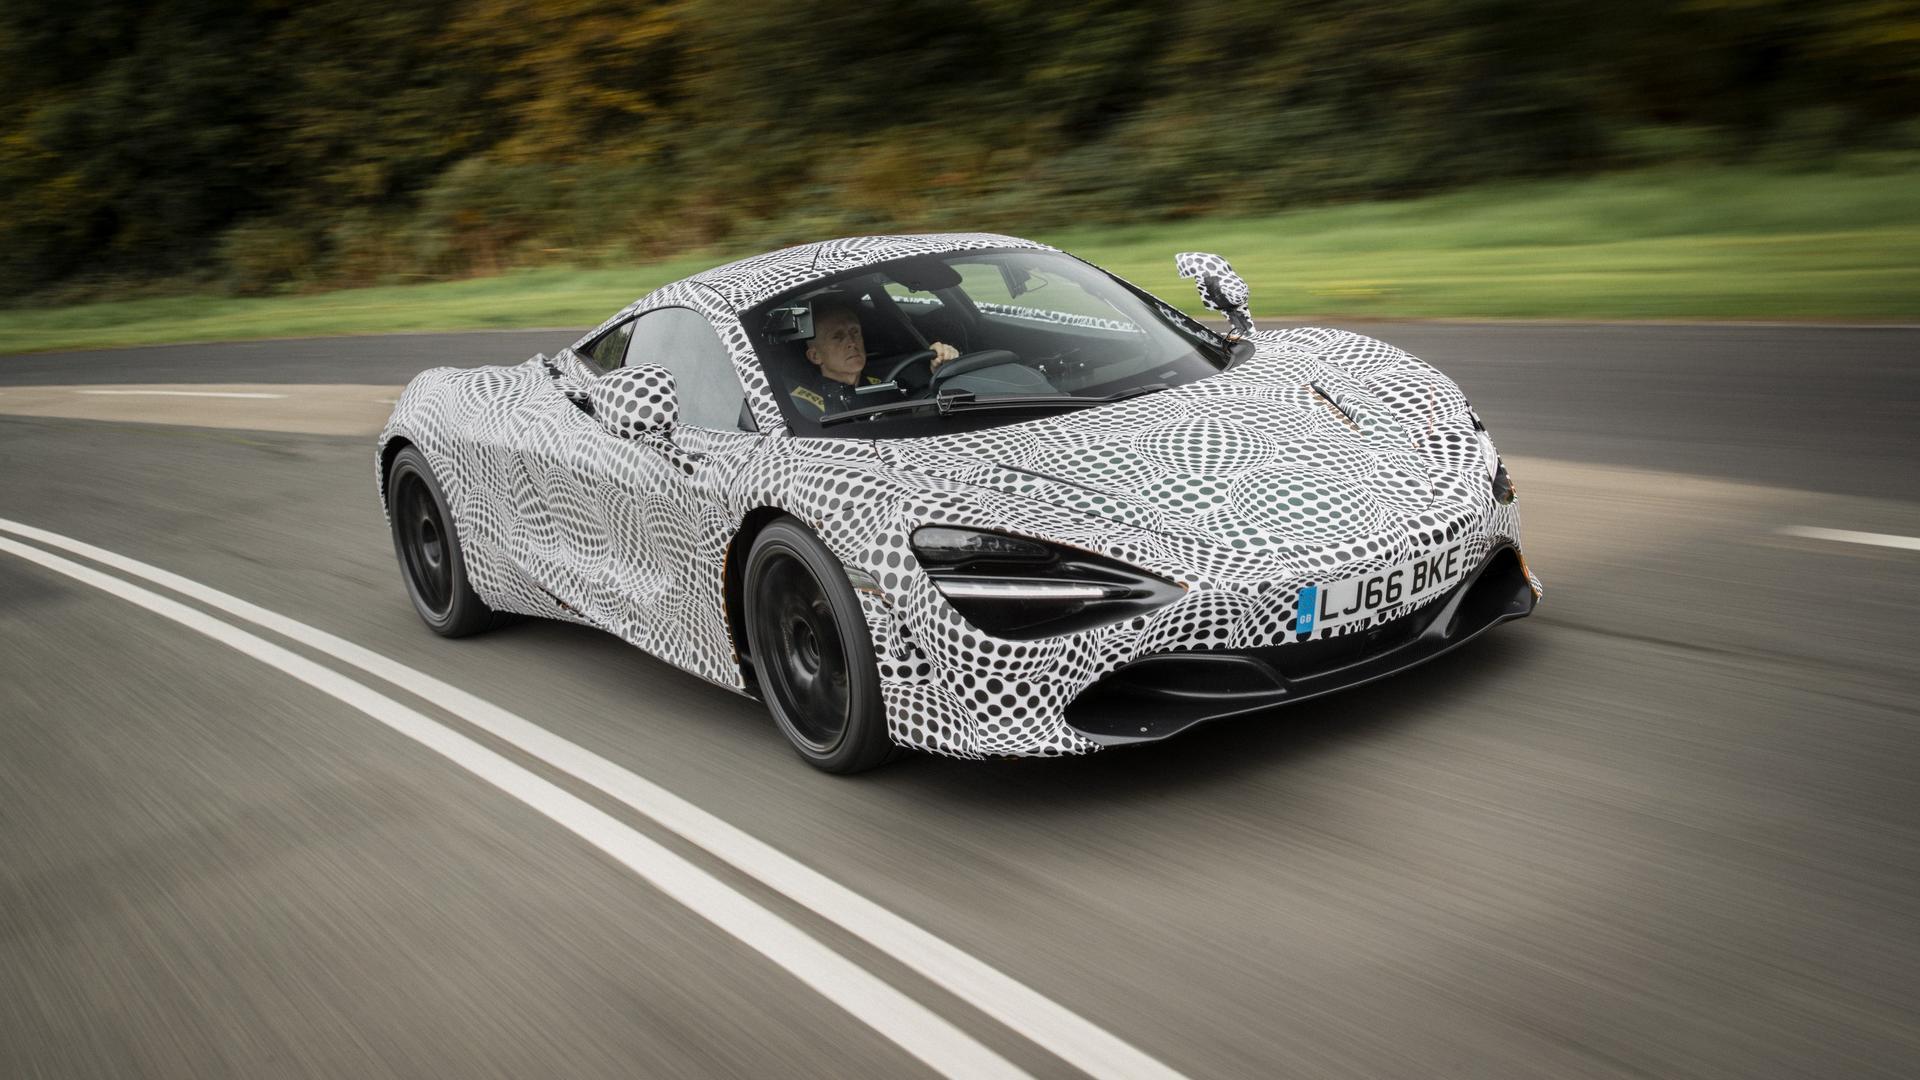 2019 - [McLaren] Speedtail (BP23) Mclaren-bp23-development-mule